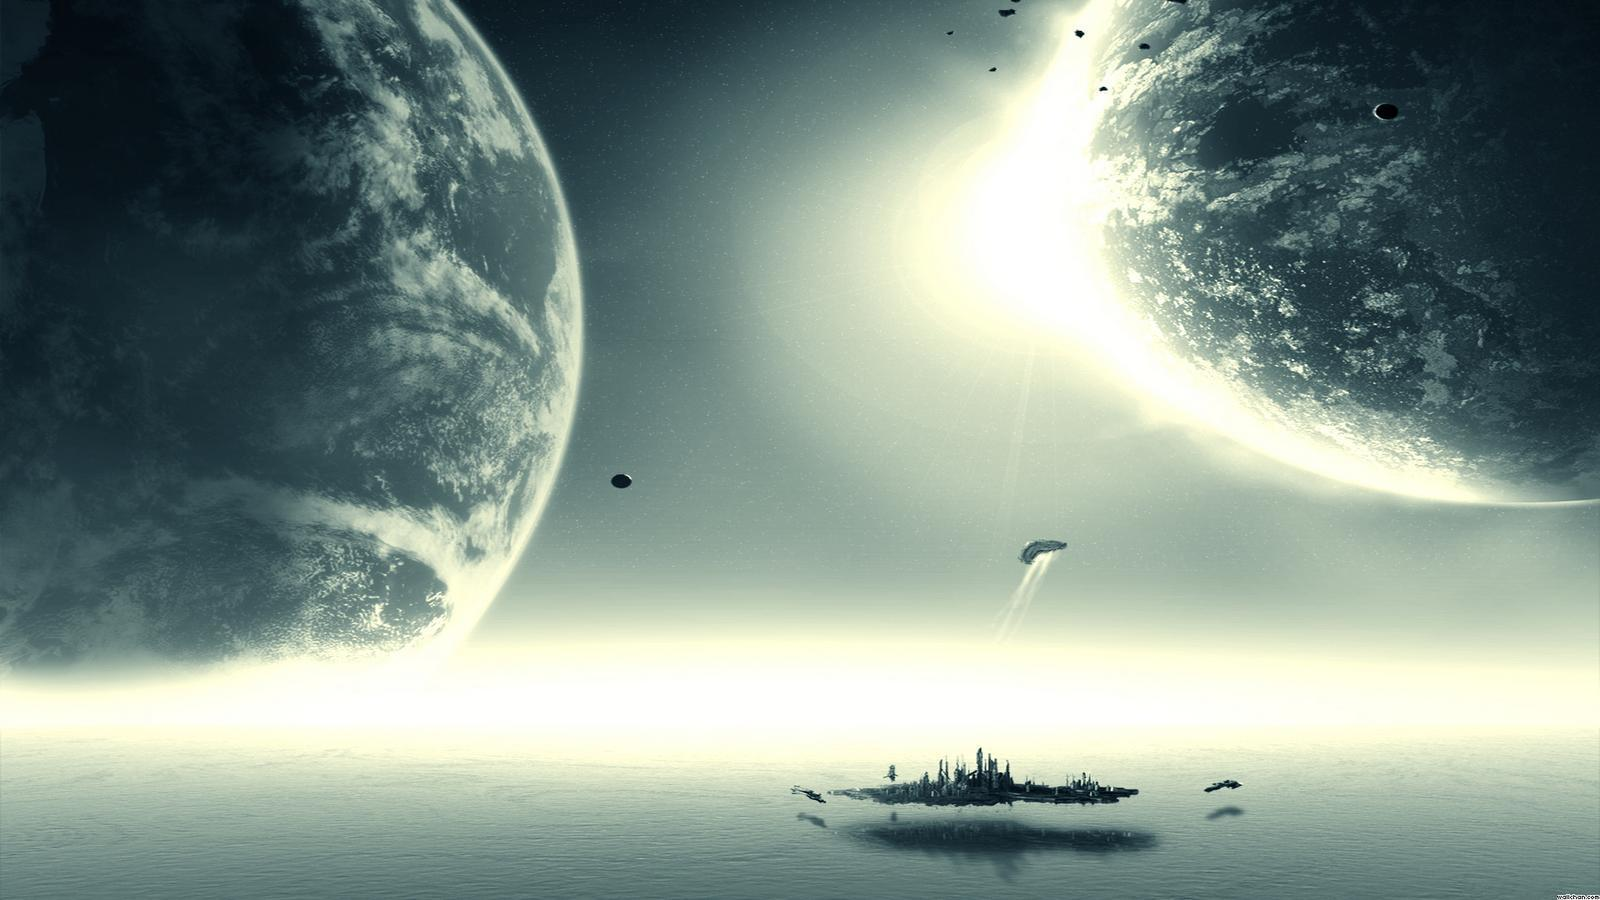 Stargate Atlantis Wallpapers - Wallpaper Cave